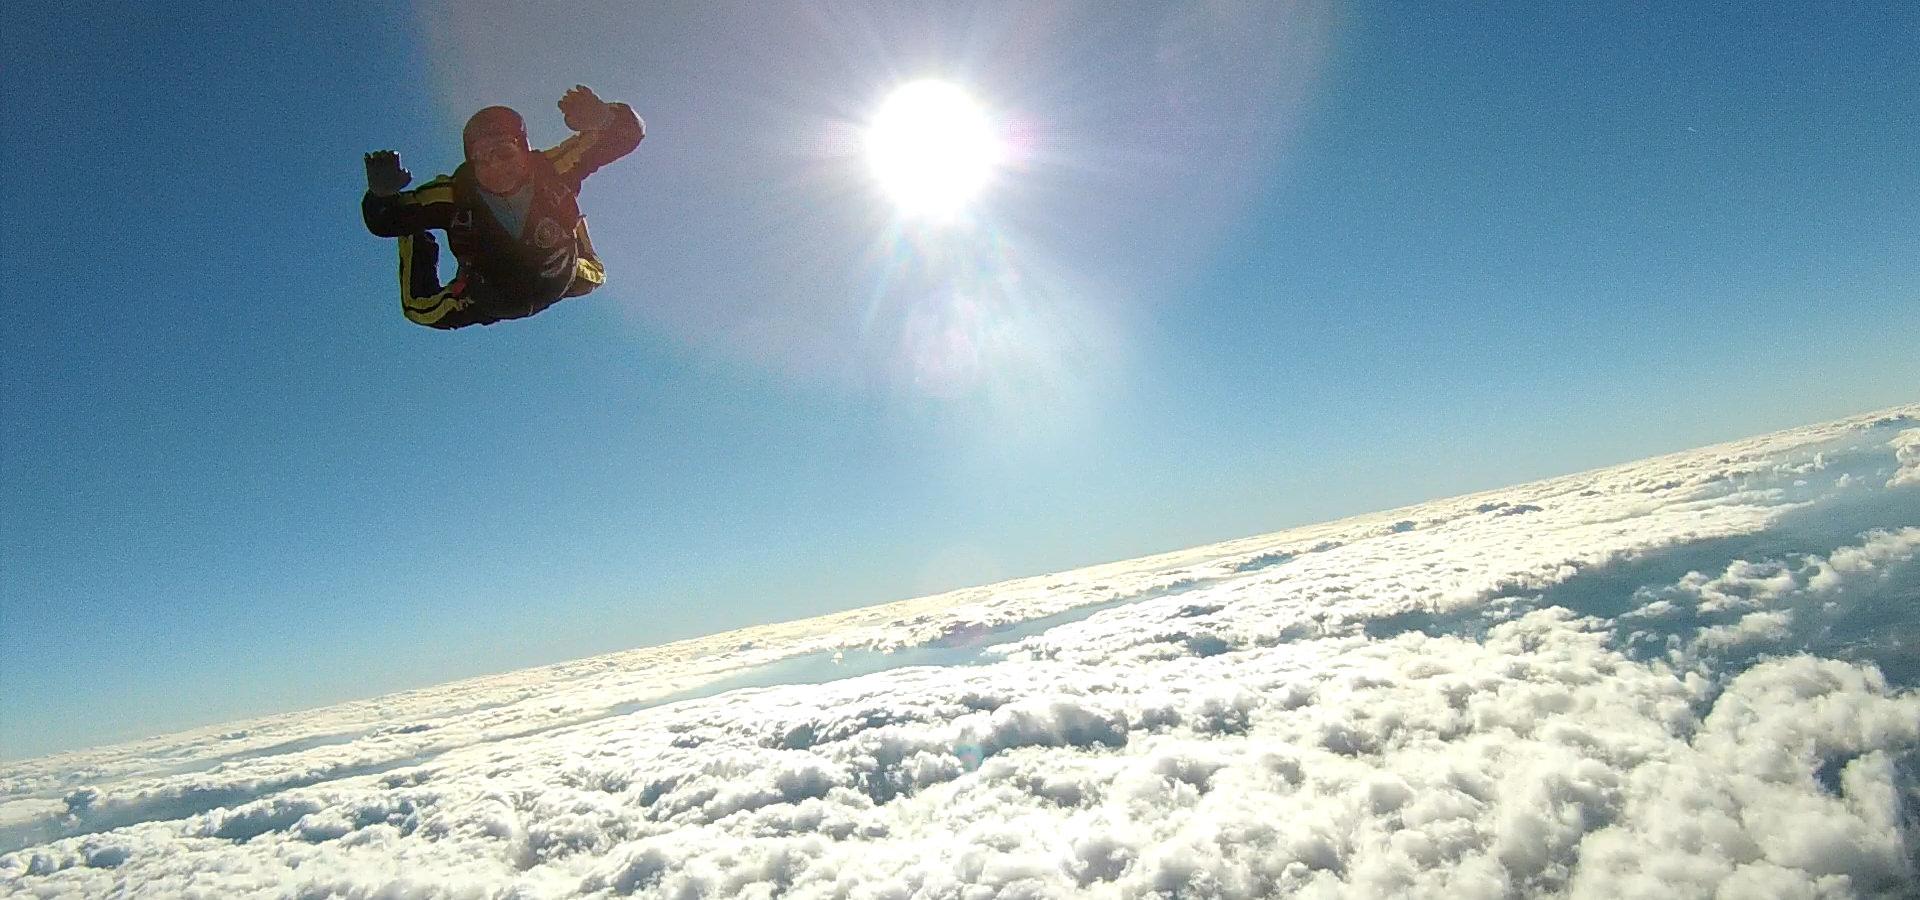 Fallschirmspringen mit Sonne im Hintergrund